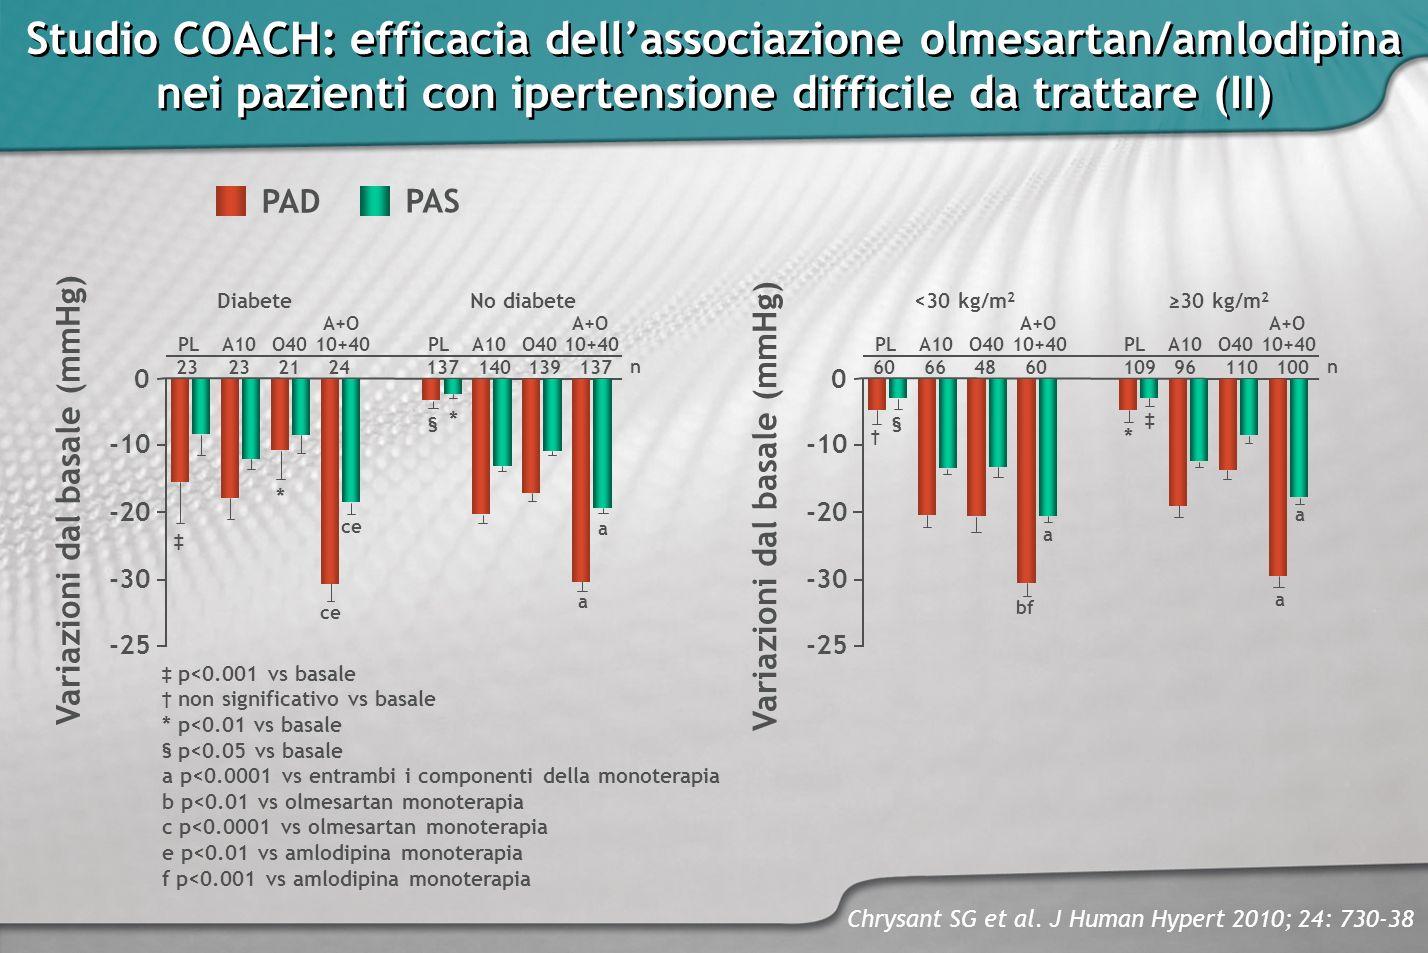 Studio COACH: efficacia dellassociazione olmesartan/amlodipina nei pazienti con ipertensione difficile da trattare (II) Chrysant SG et al. J Human Hyp